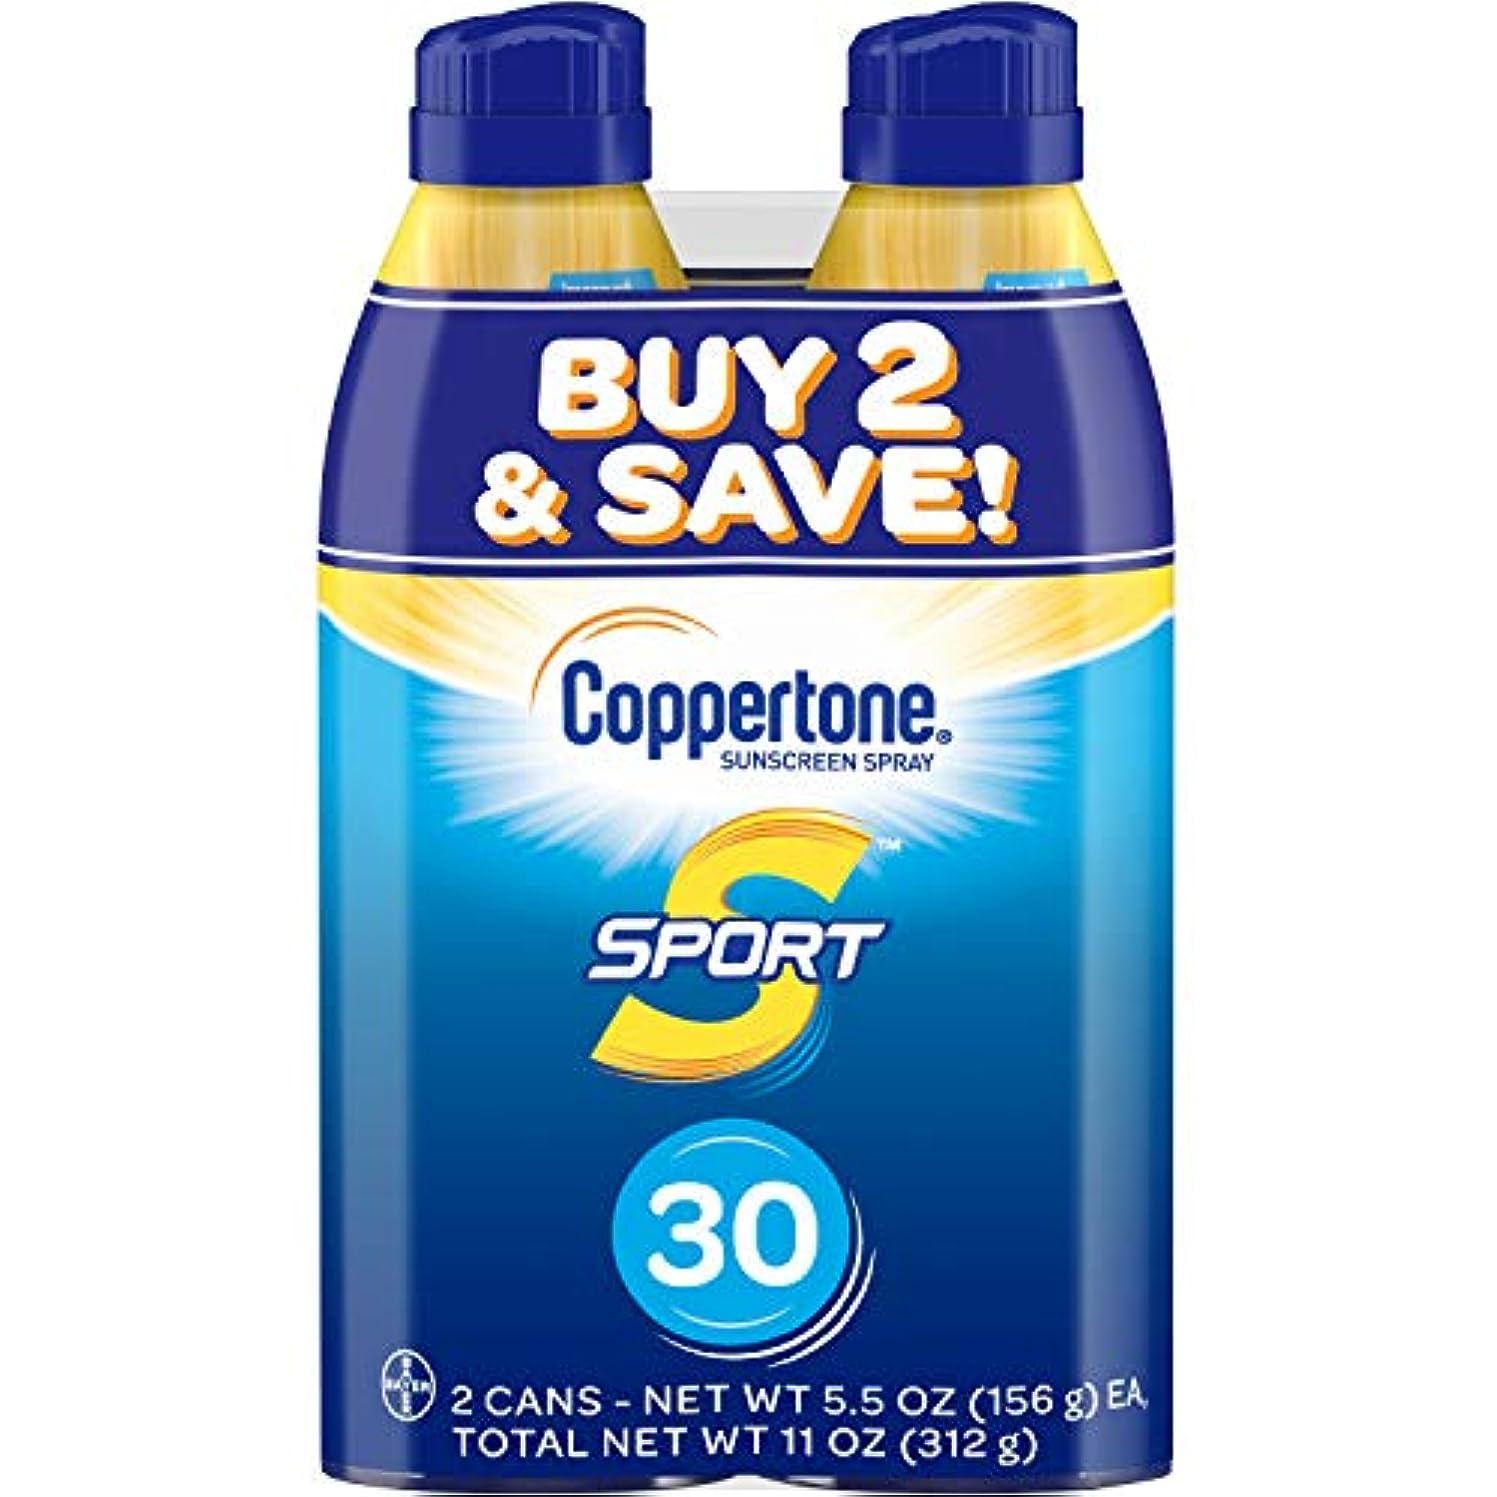 ラジカル革命的前置詞Coppertone スポーツ連写日焼け止め広域スペクトルSPFスプレー30(5.5オンスボトル、ツインパック)